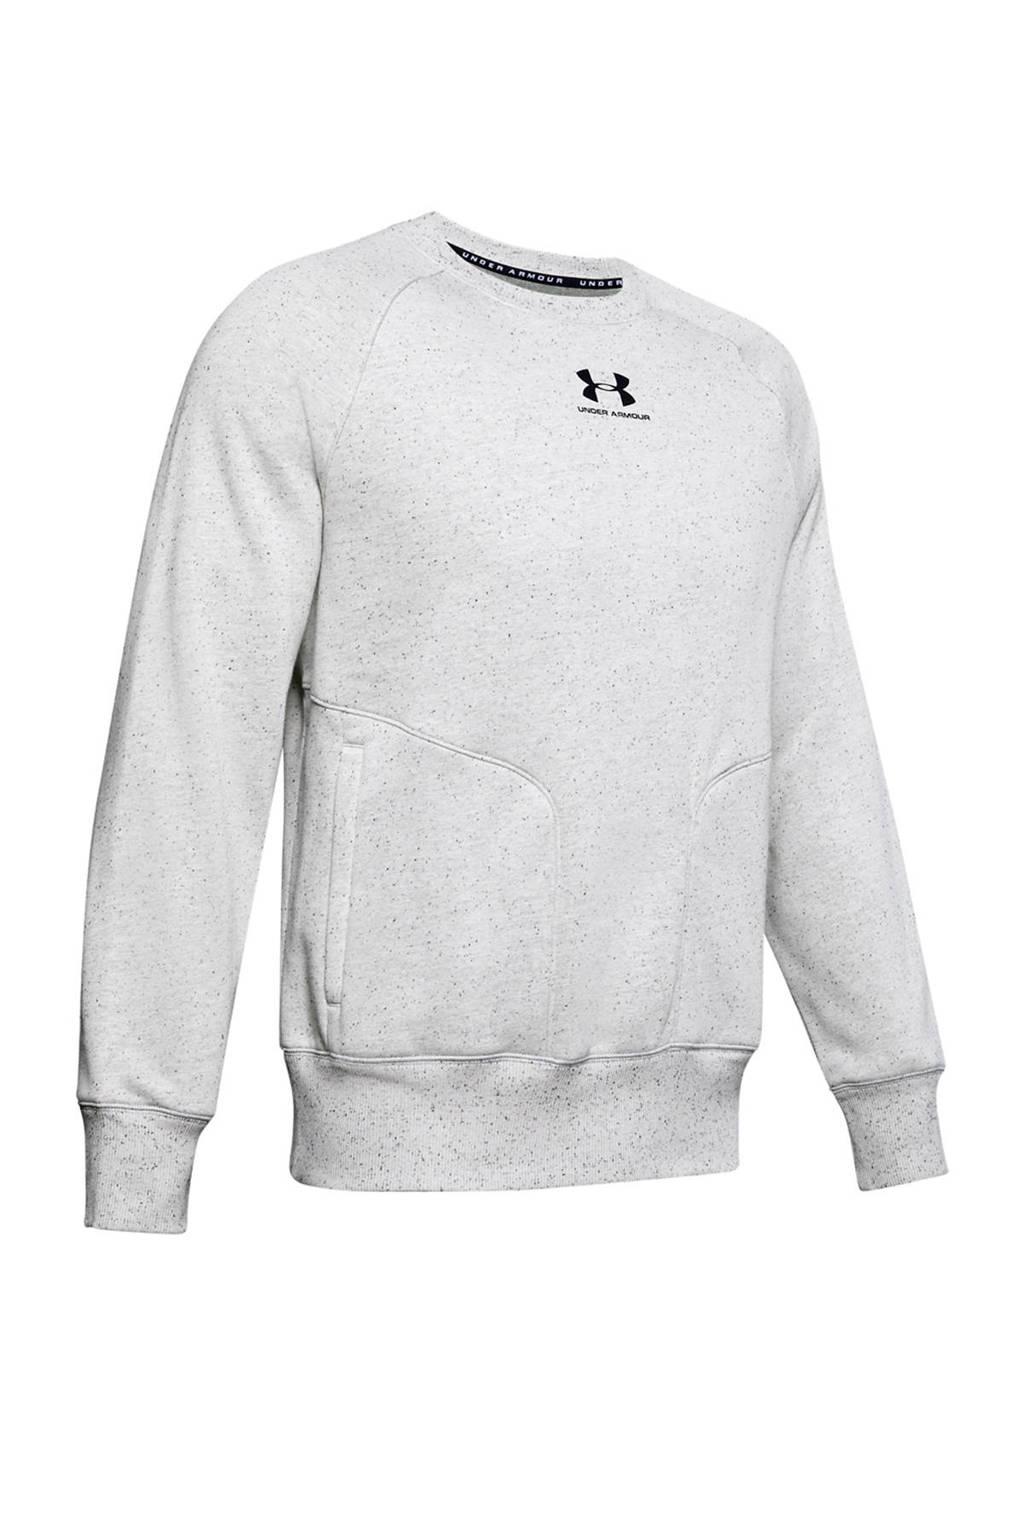 Under Armour   sportsweater lichtgrijs, Lichtgrijs